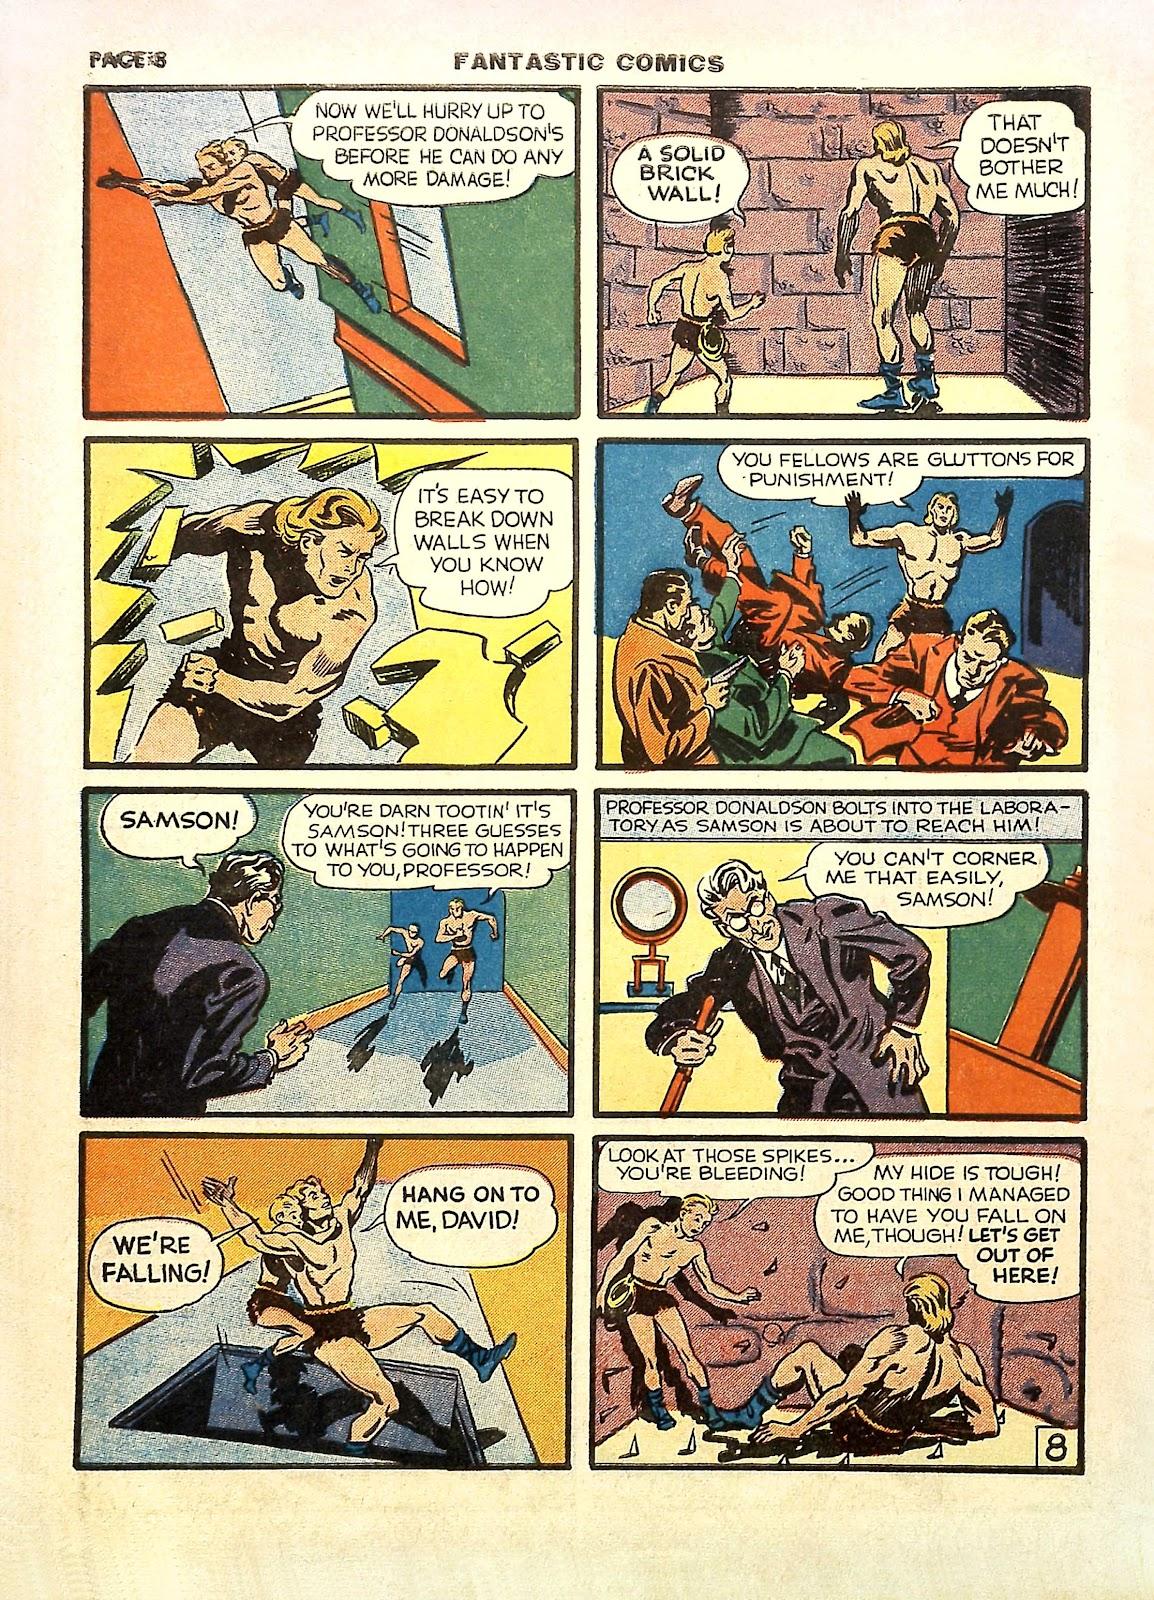 Read online Fantastic Comics comic -  Issue #11 - 11